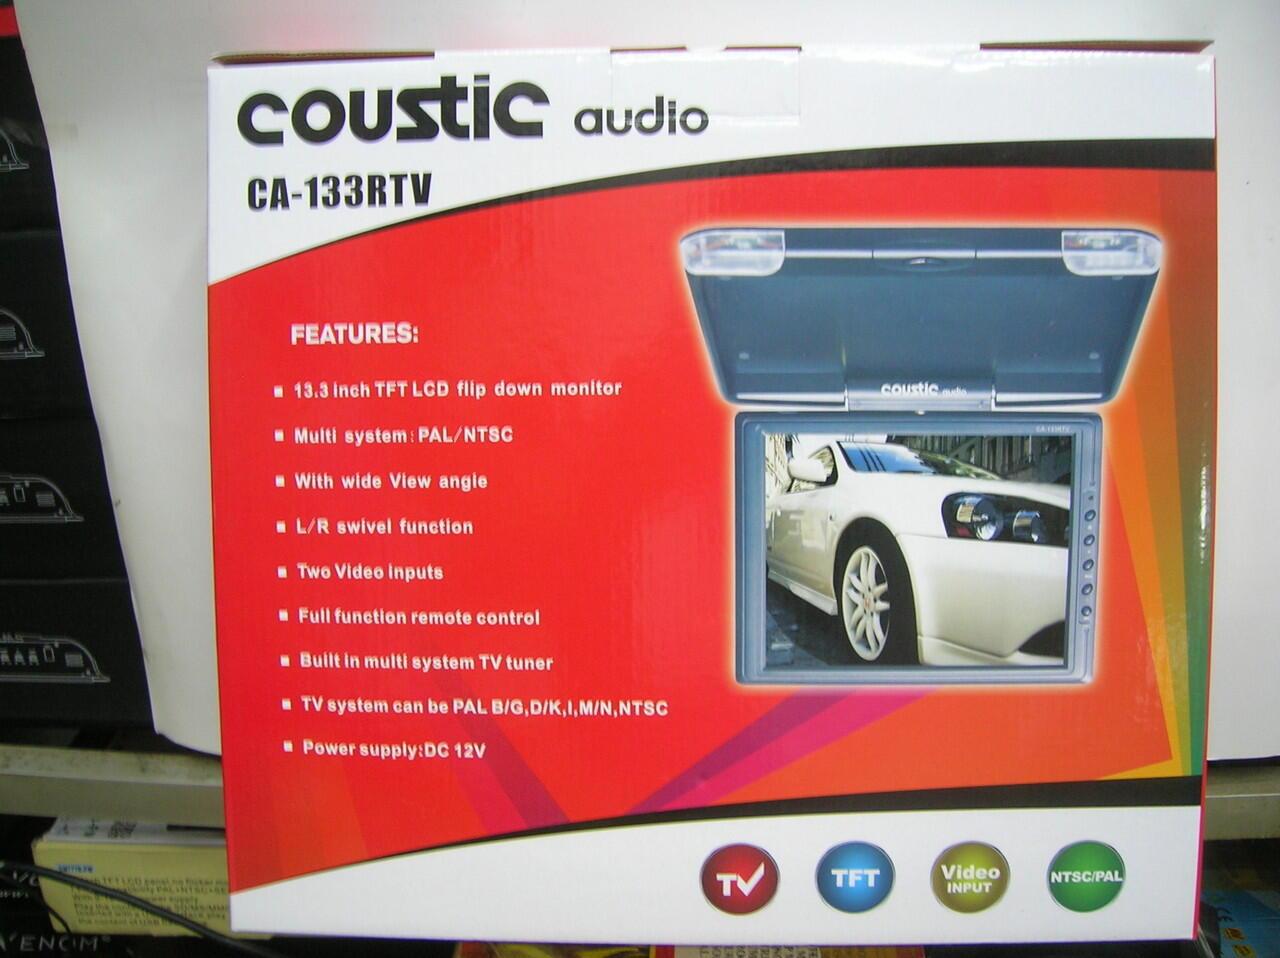 berbagai macam audio mobil (double din,subwoofer,basstube,power,speaker,tvroof,dll)